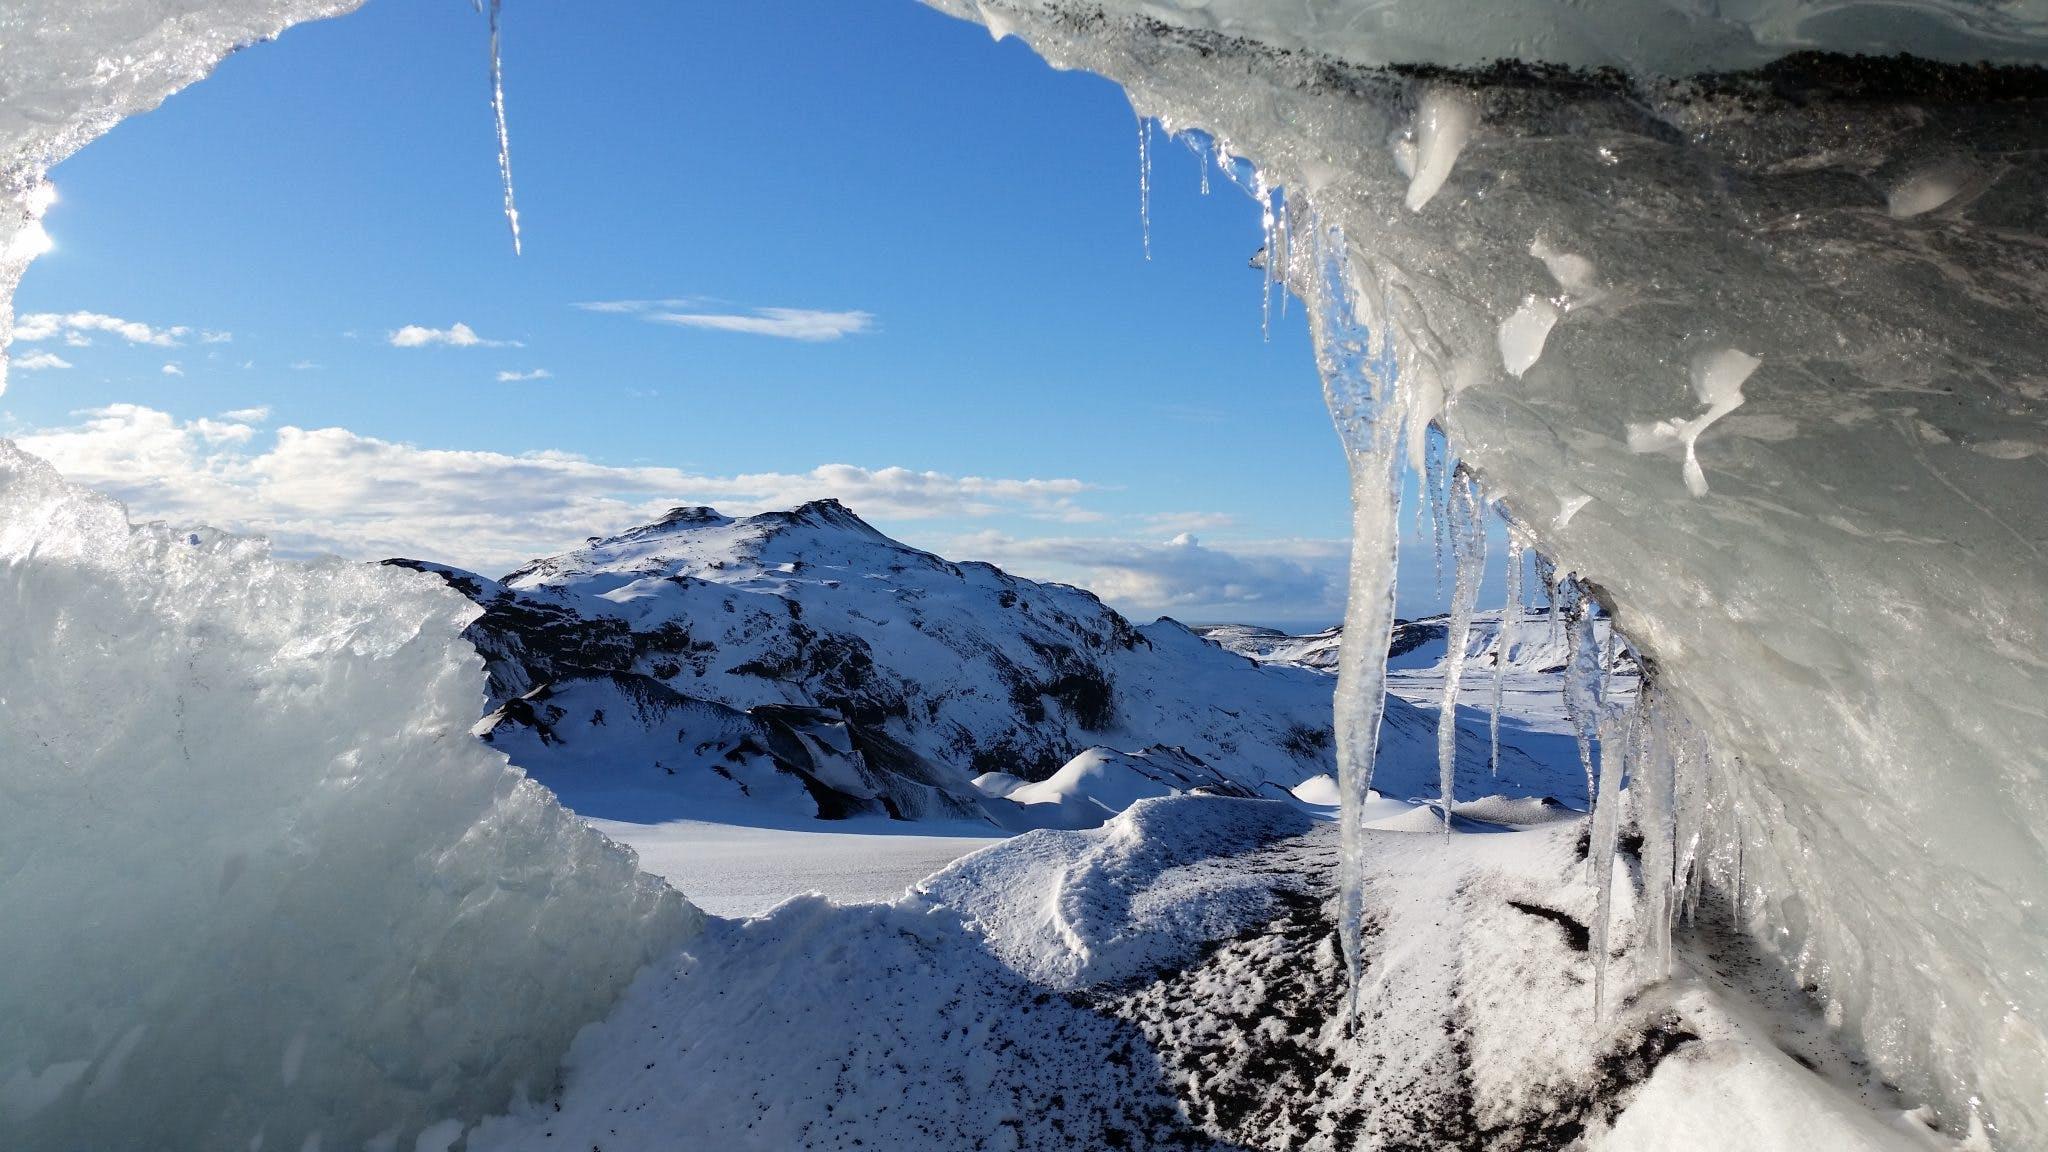 探索冰岛南岸的神奇天然冰洞